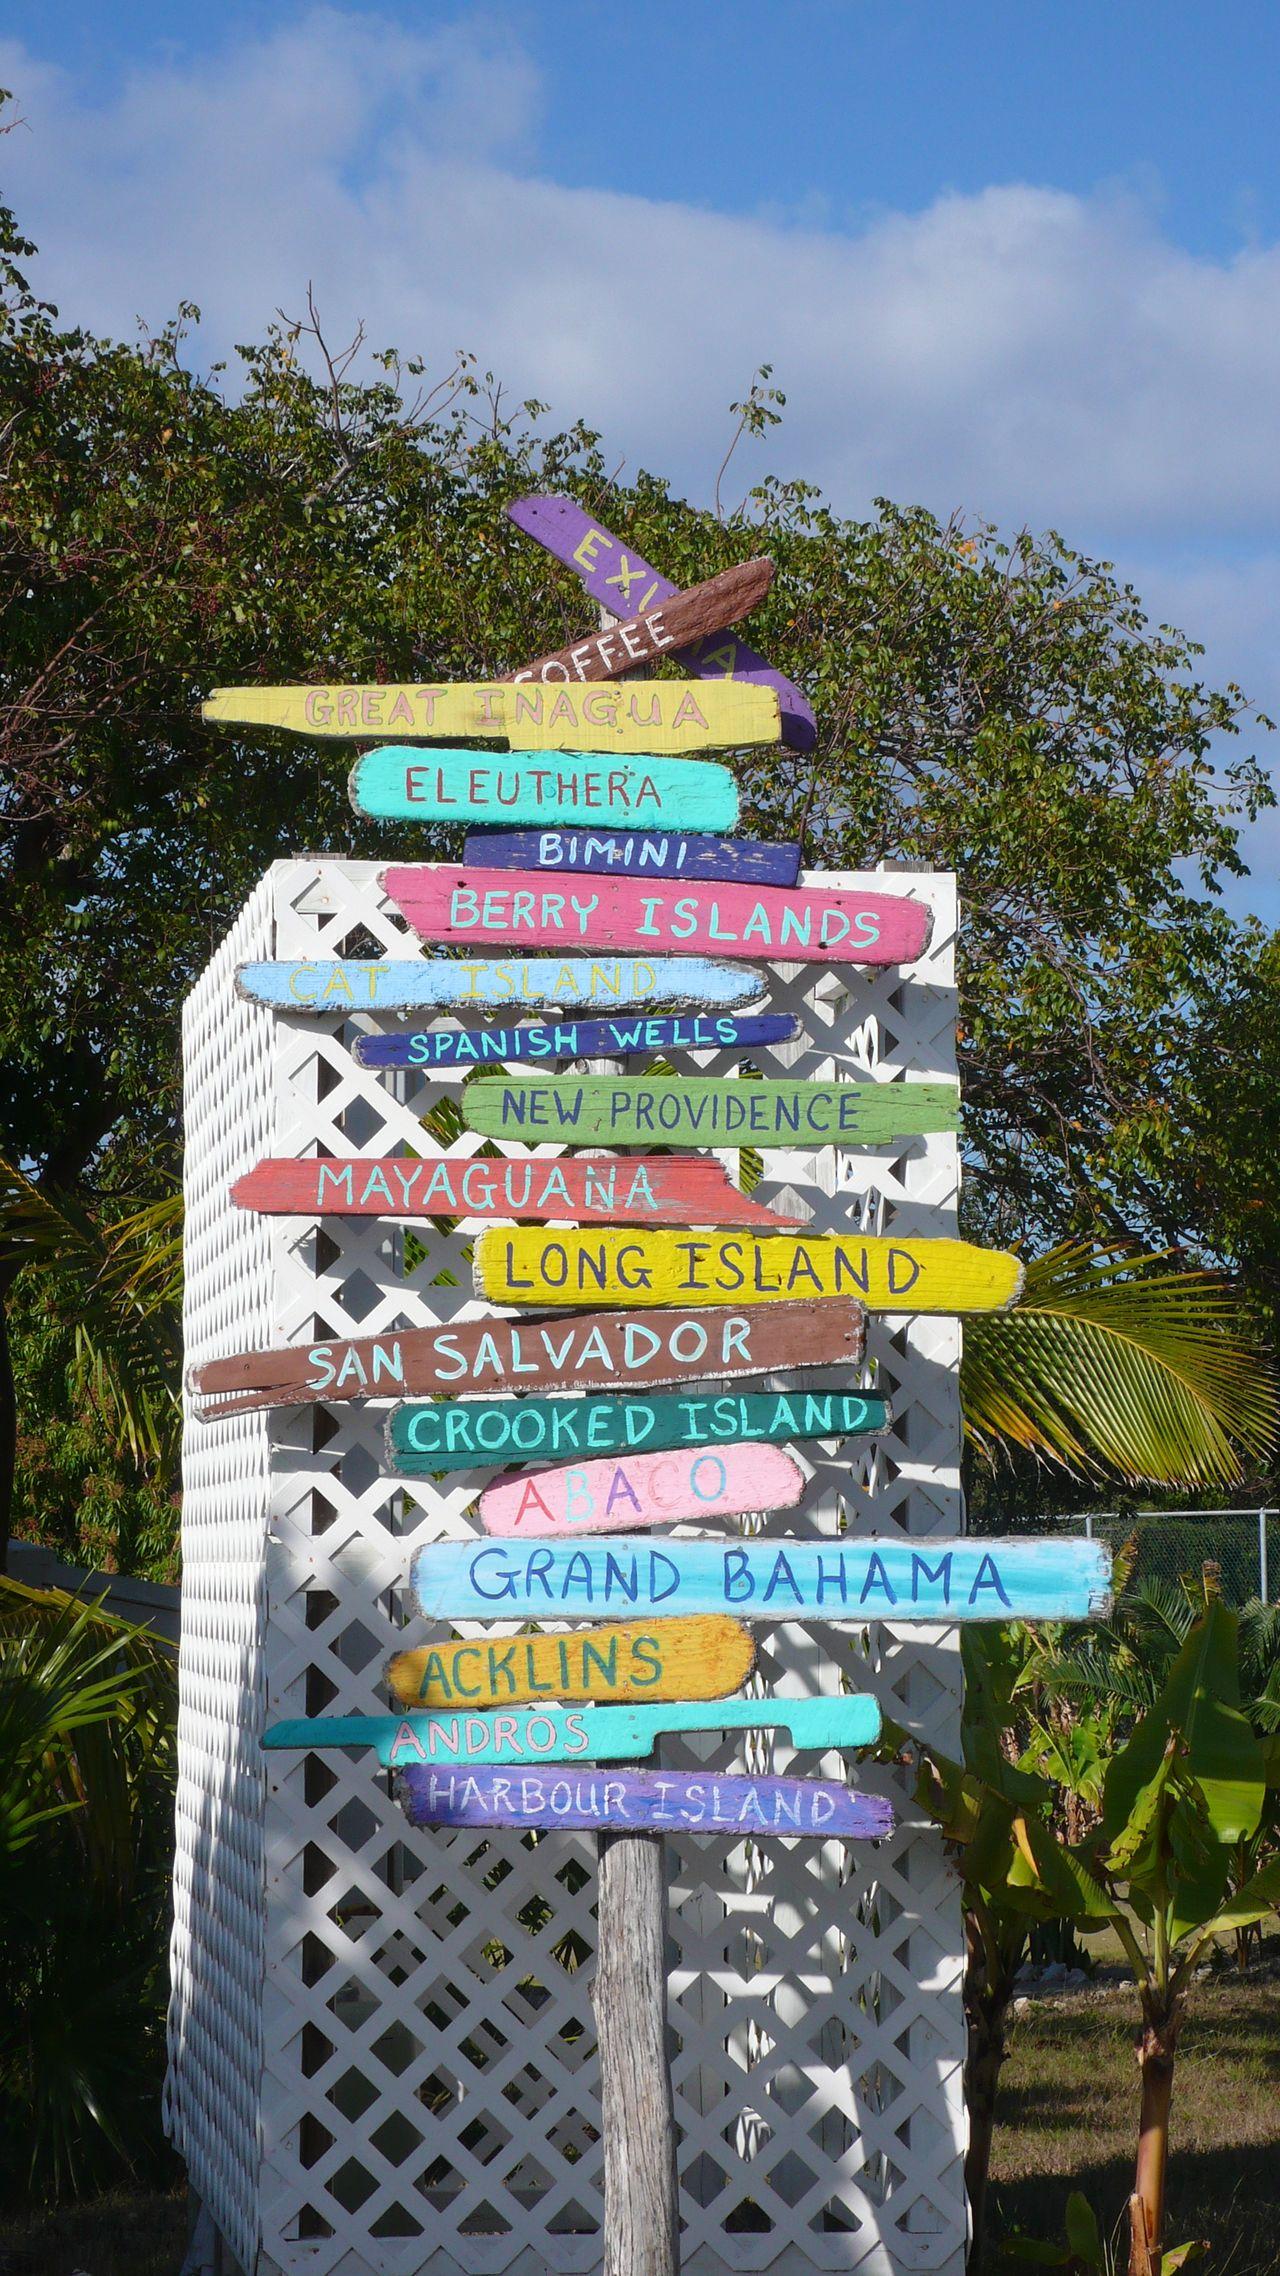 Bahamas - Signalisation des îles de l'archipel